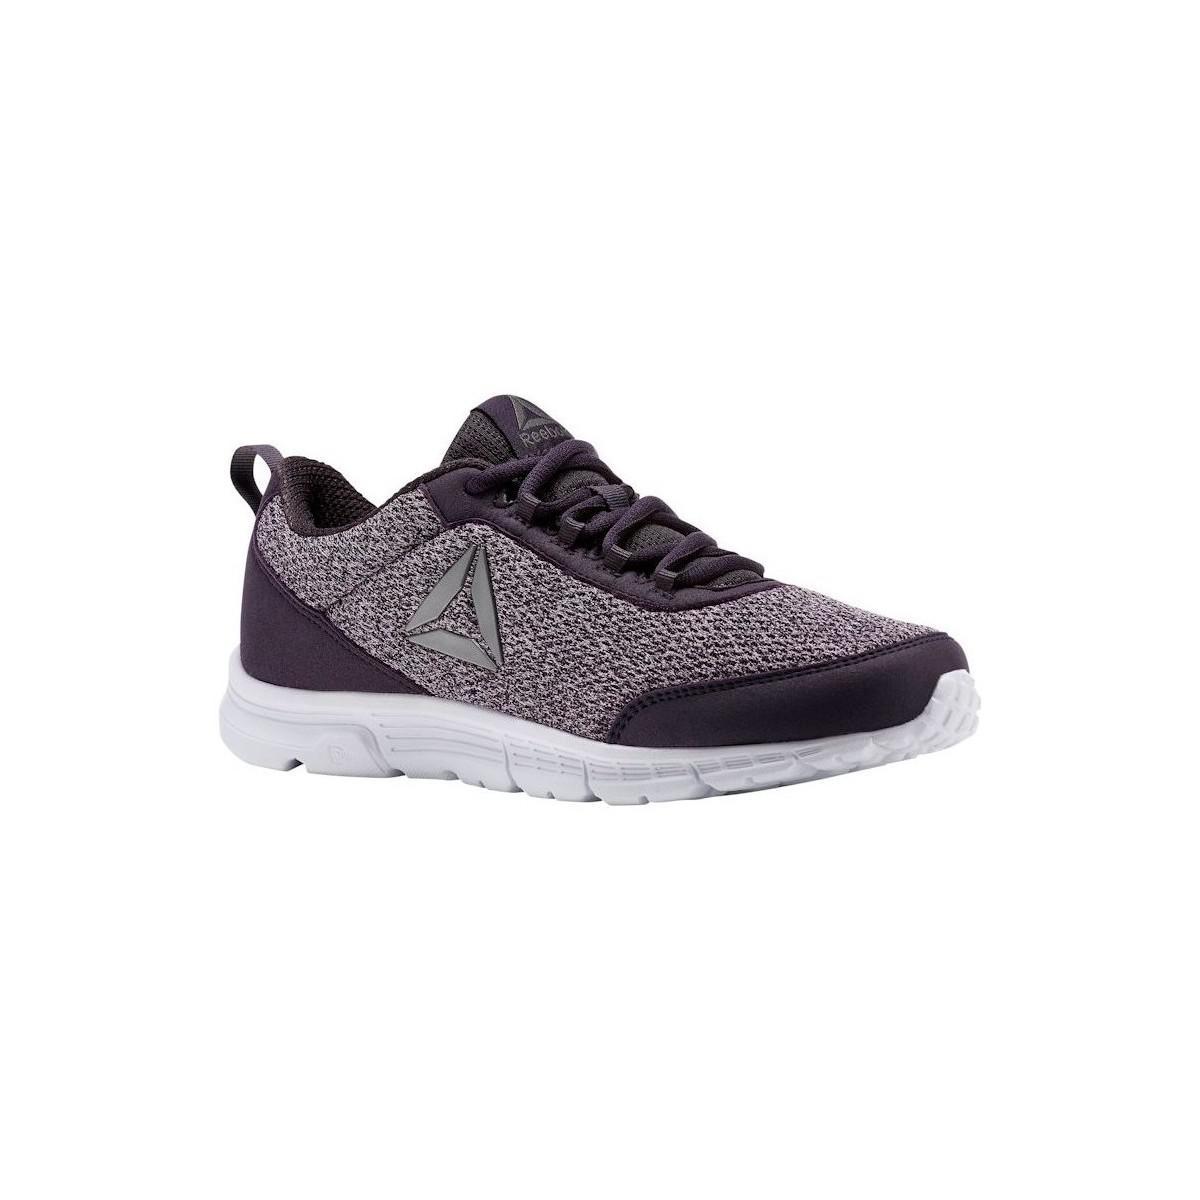 0c0a547f415 Reebok Speedlux 30 Men s Shoes (trainers) In Purple in Purple for ...